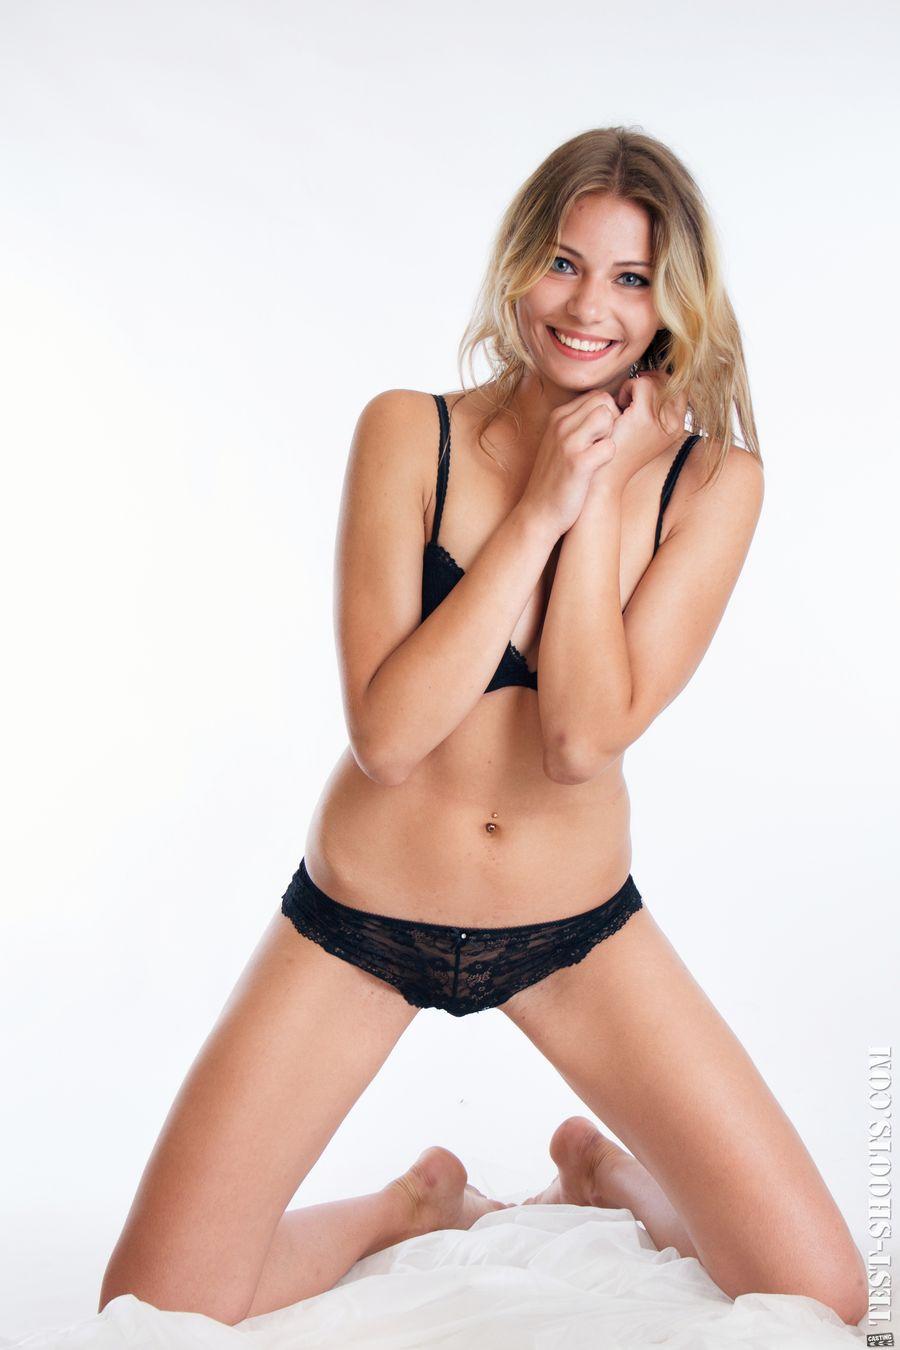 Patricia koperski nackt